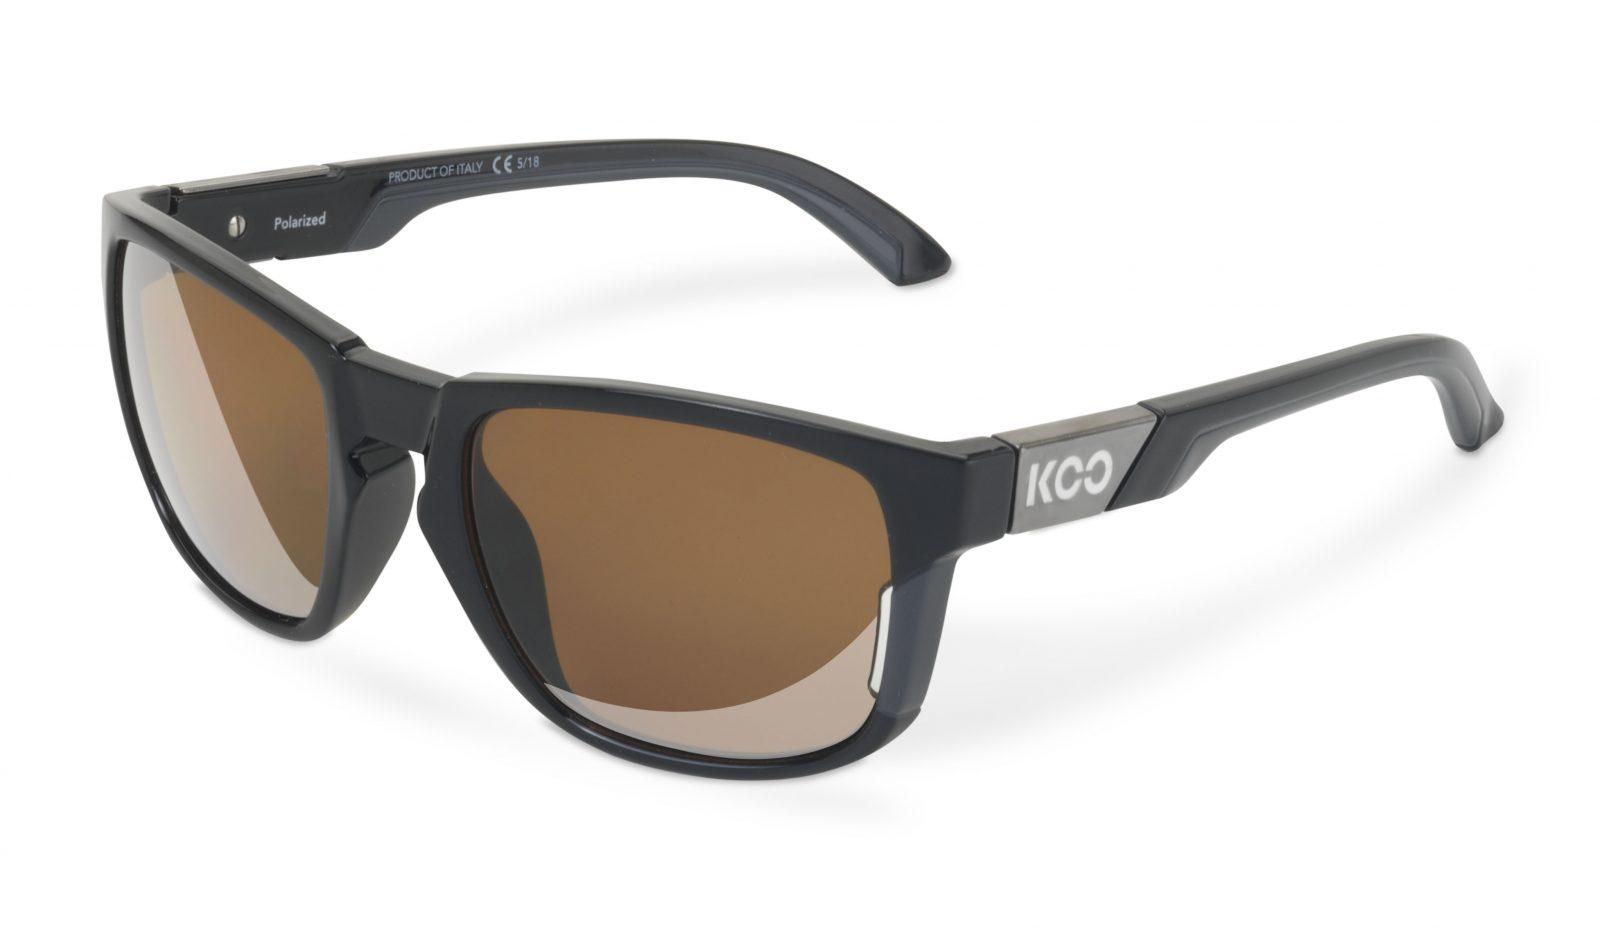 d15ef176591 Koo CALIFORNIA Casual   Lifestyle Sunglasses   POLARIZED - 700